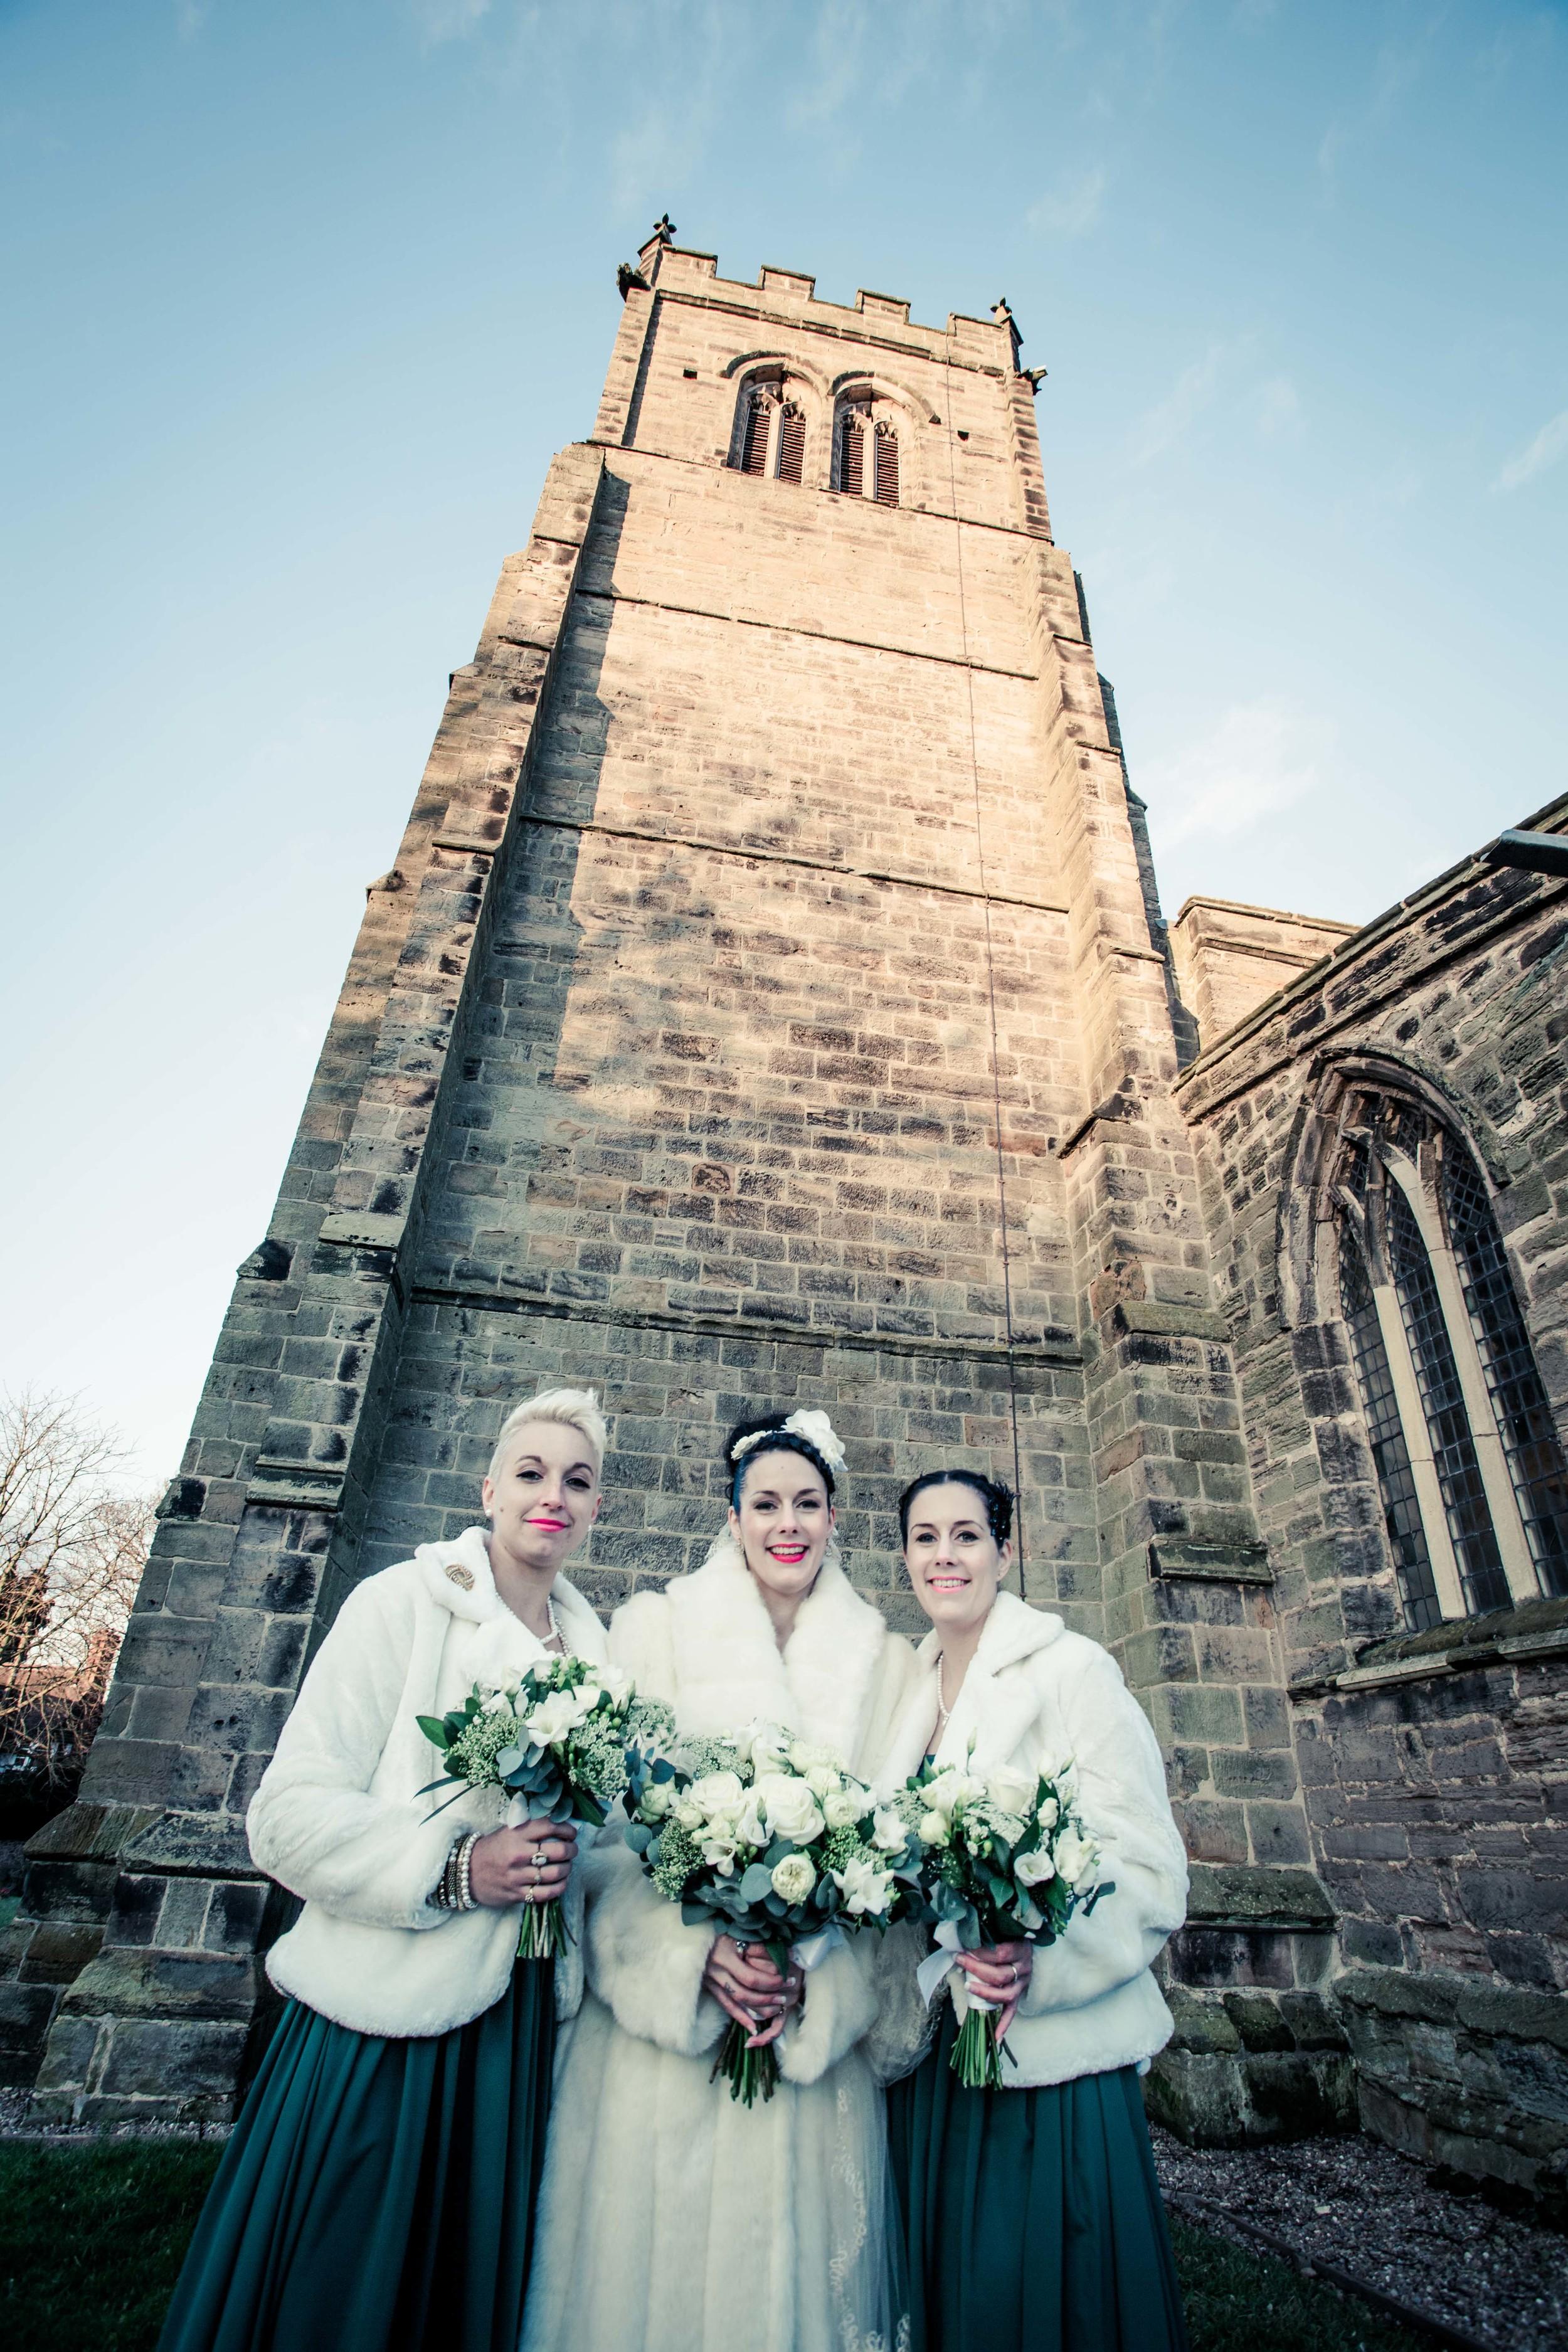 108 - Angela and Karls Wedding by www.markpugh.com -6814.jpg